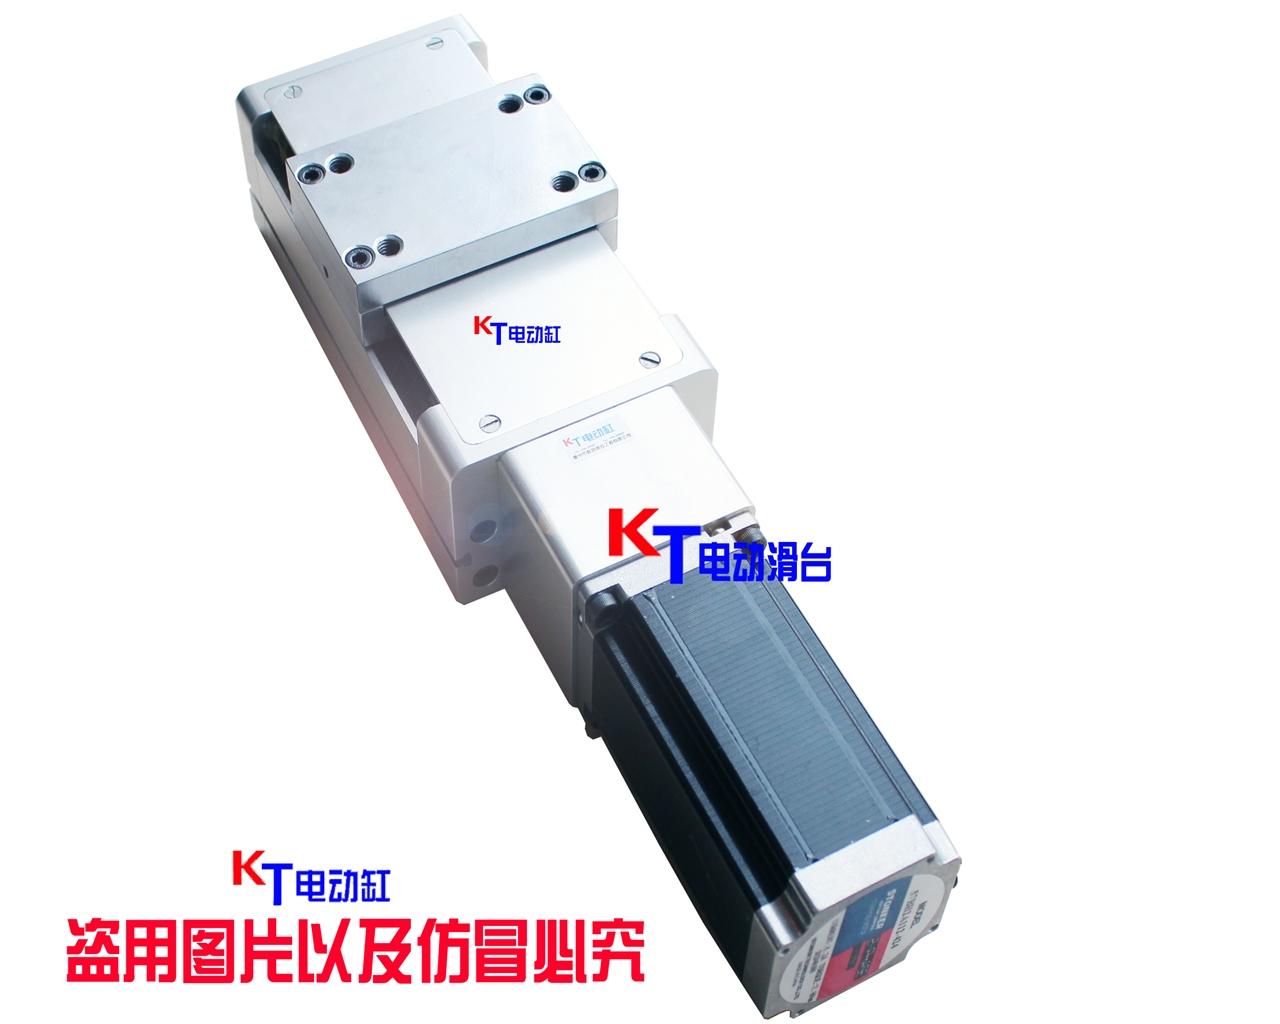 KT电动滑台—滑台式